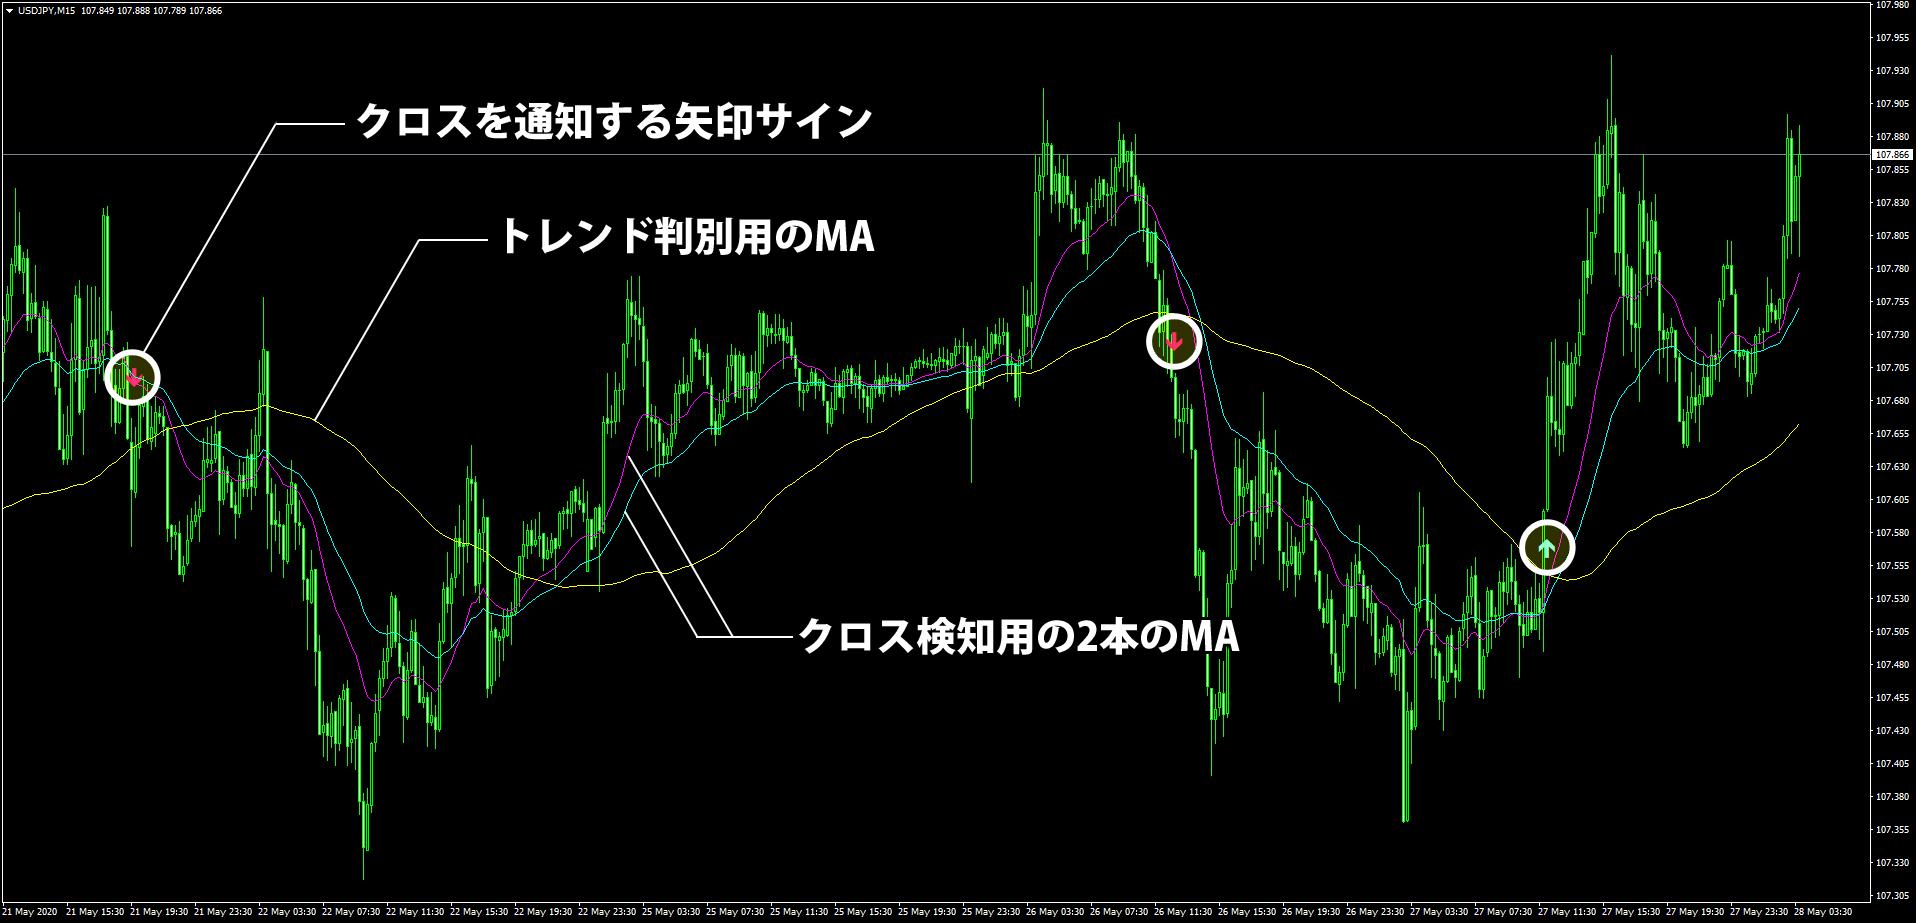 ma-cross-alert01.png